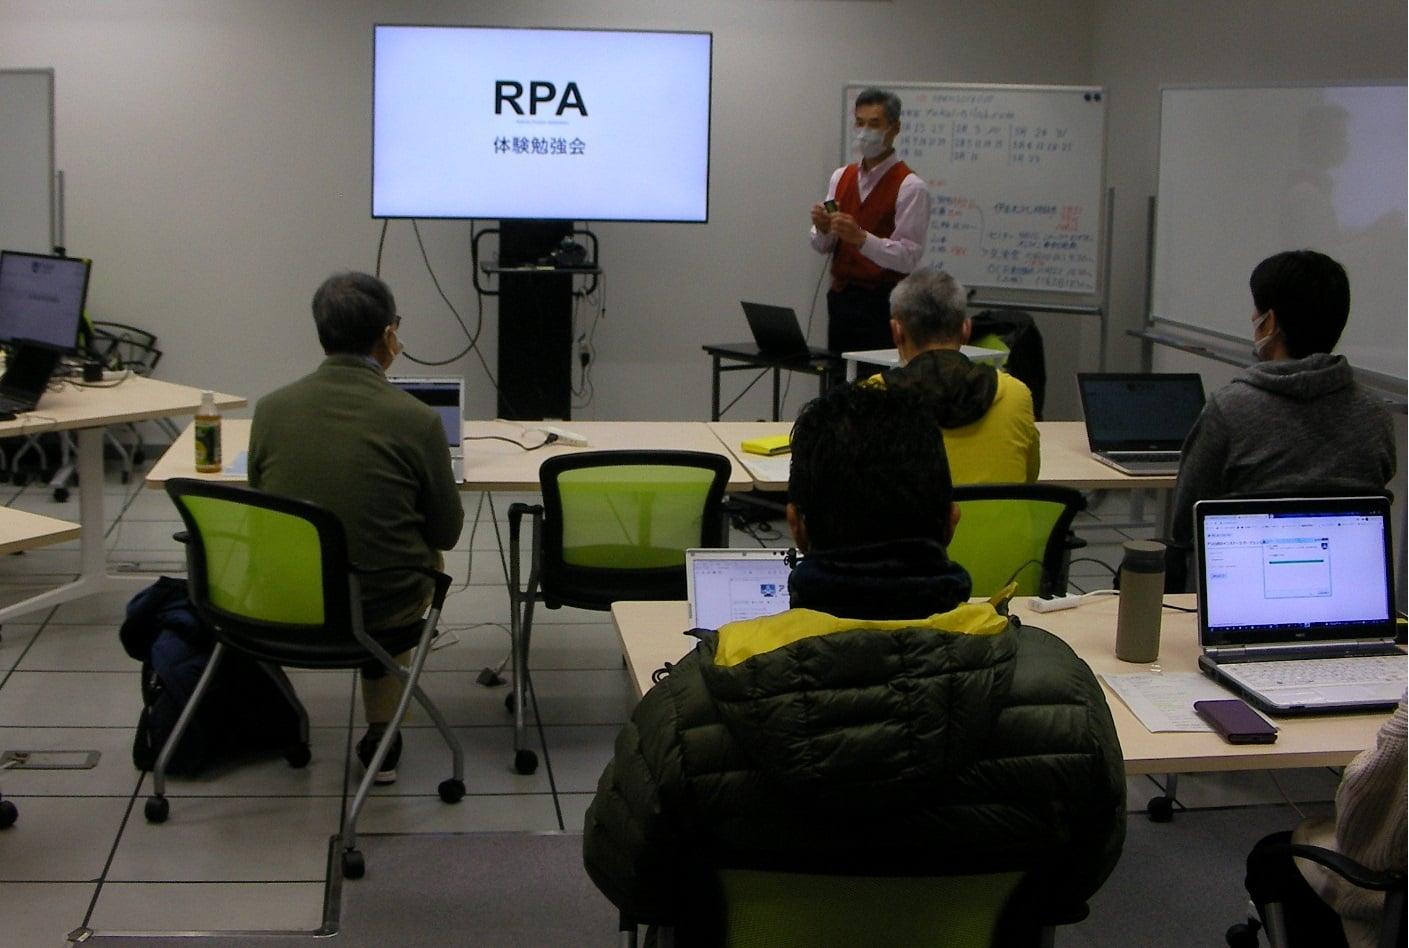 「RPA体験勉強会」を開催しました